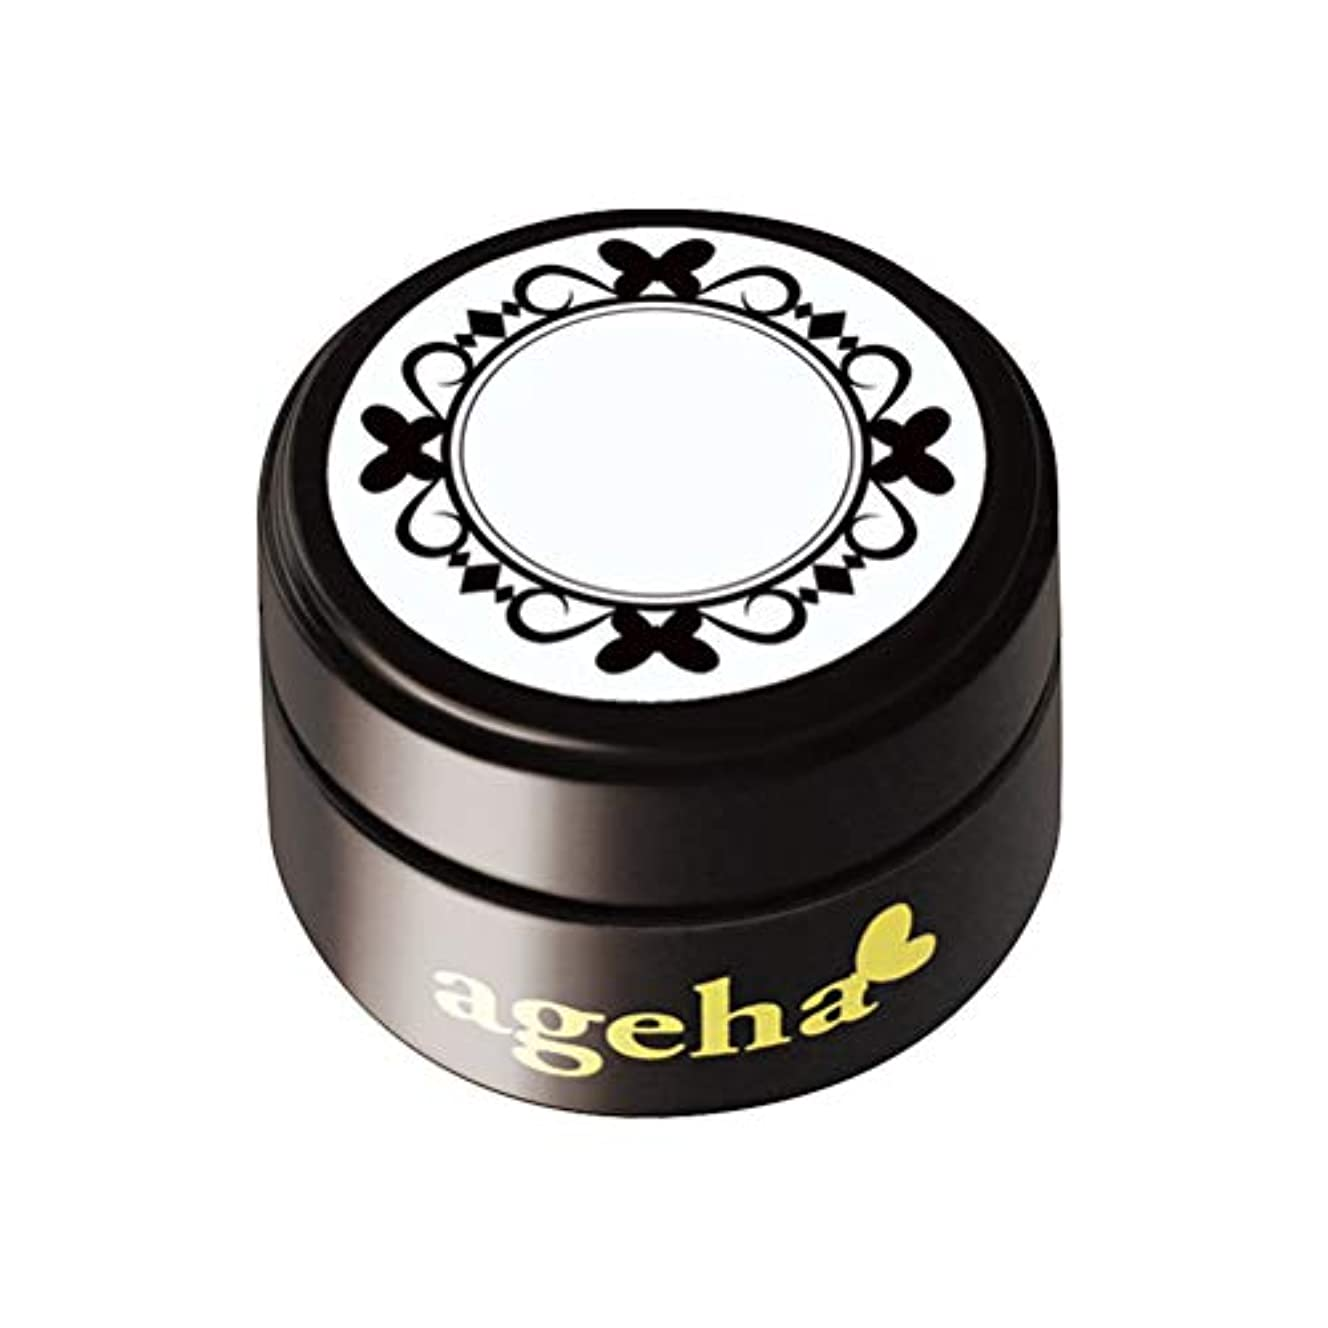 影響するエステート方程式ageha カラージェル コスメカラー 407 シャンパンベール パール 2.7g UV/LED対応